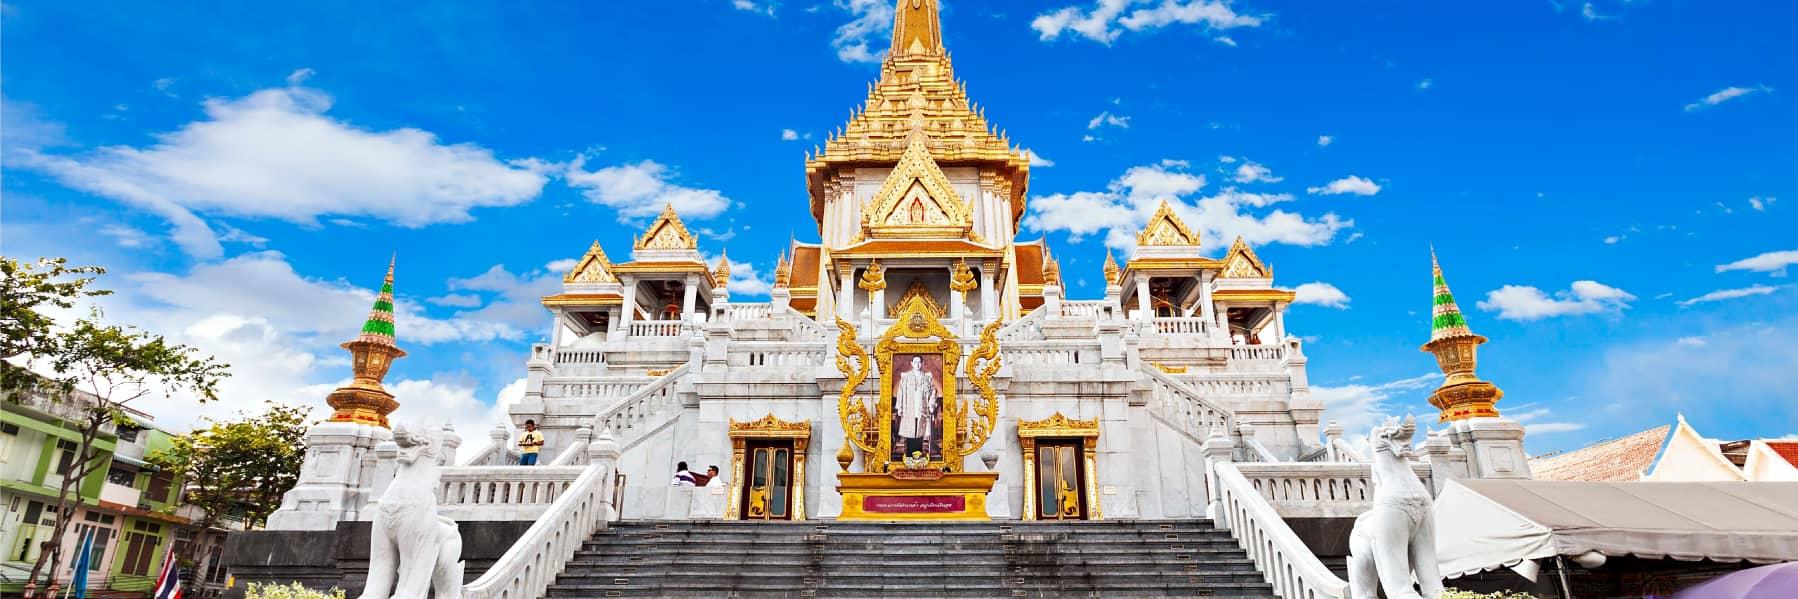 還有更多詳情/圖片The Trip Guru 感受曼谷行程9折預訂優惠碼,包幫到你搵到最正嘅優惠呀!